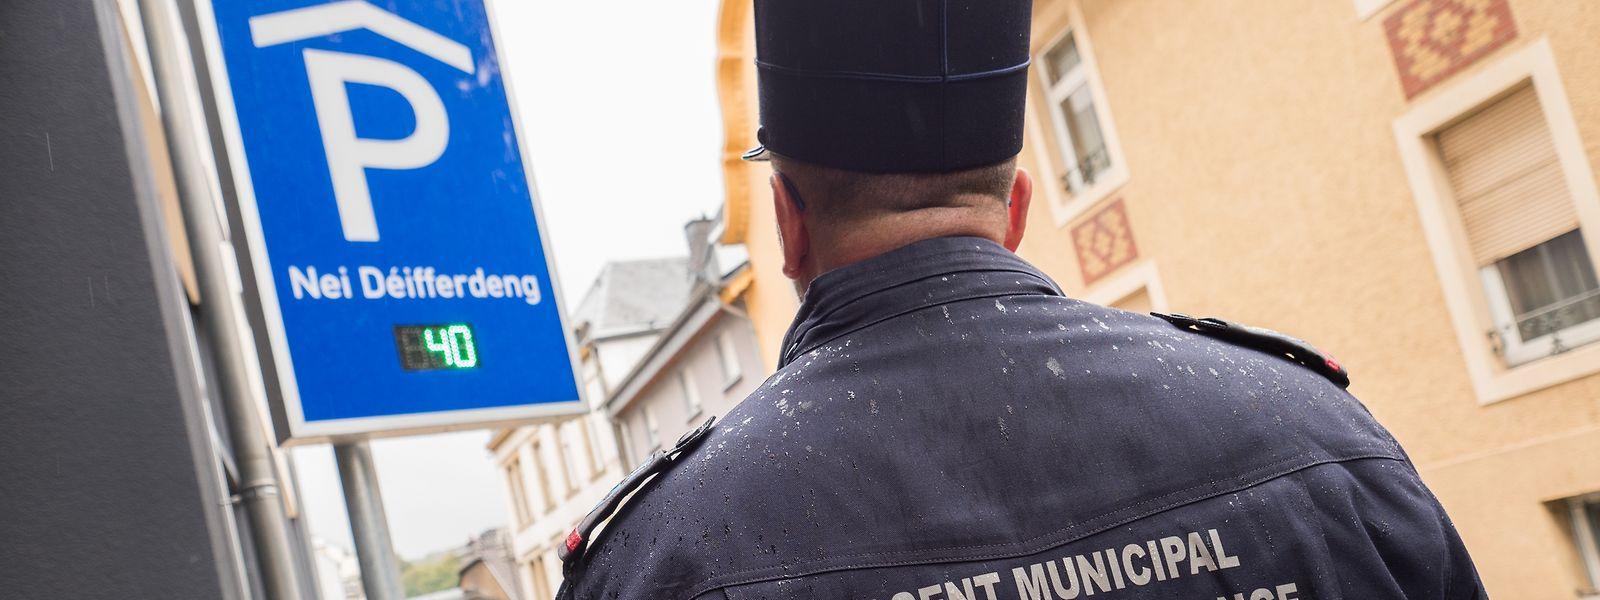 Von Montag an gelten neue Parktarife in Differdingen.